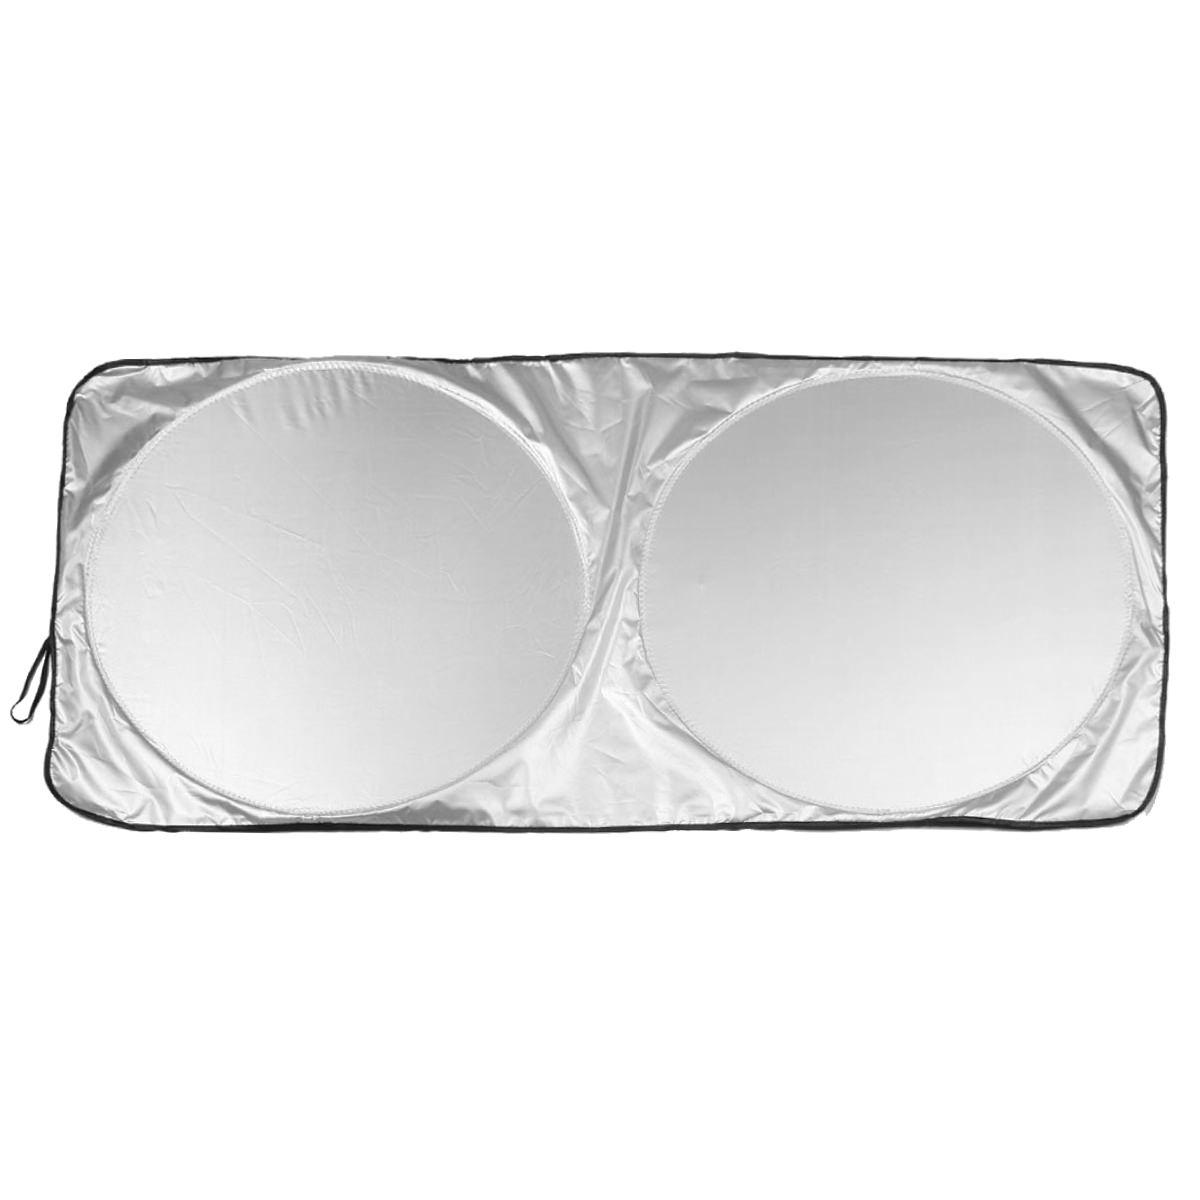 צלון משקפיים לשמשה קדמית ברכב - אופטי